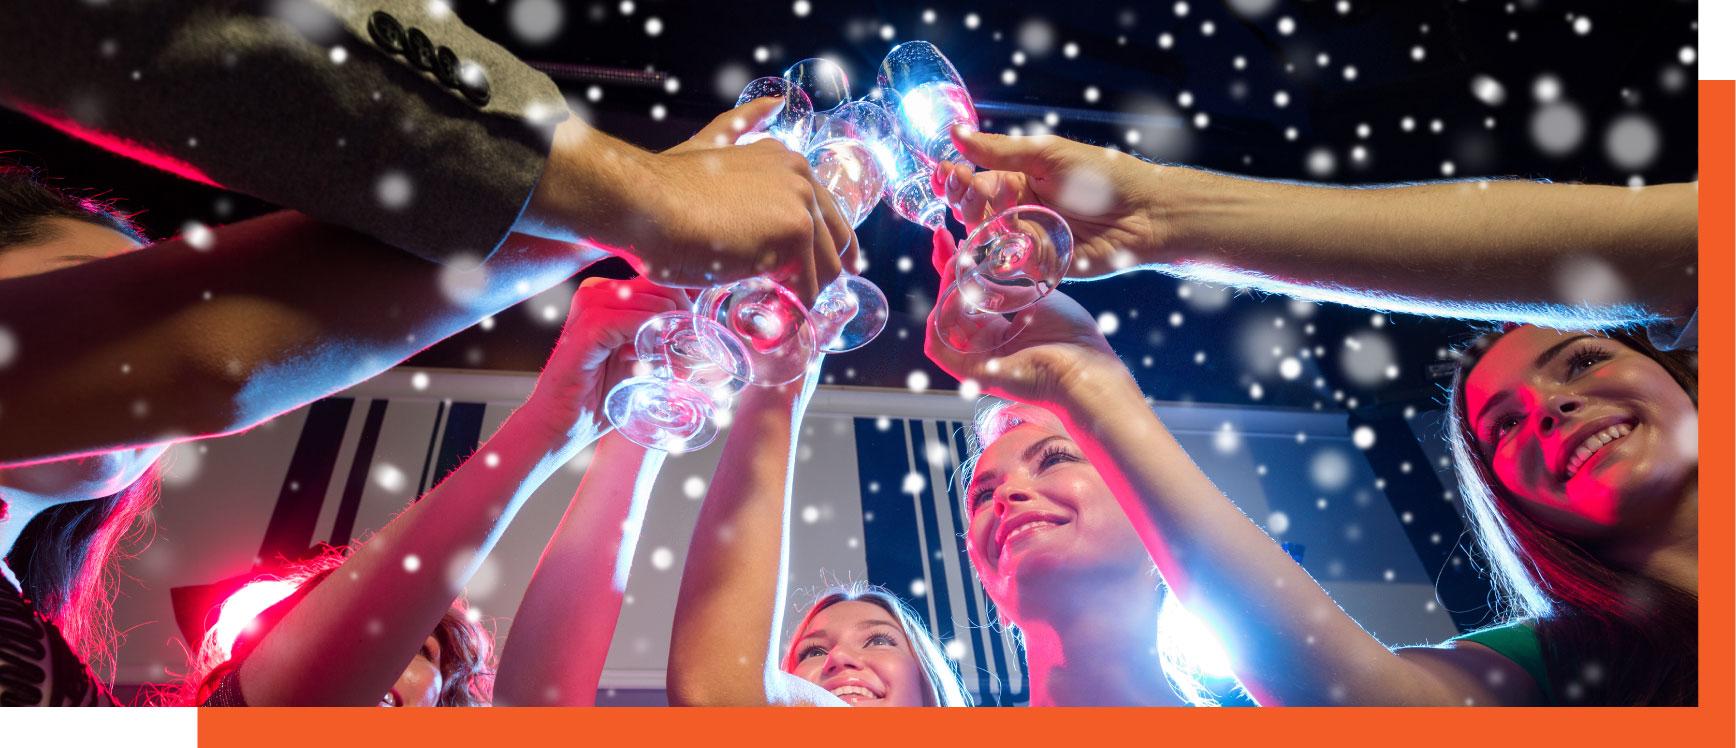 Dj para festas e eventos em Fortaleza